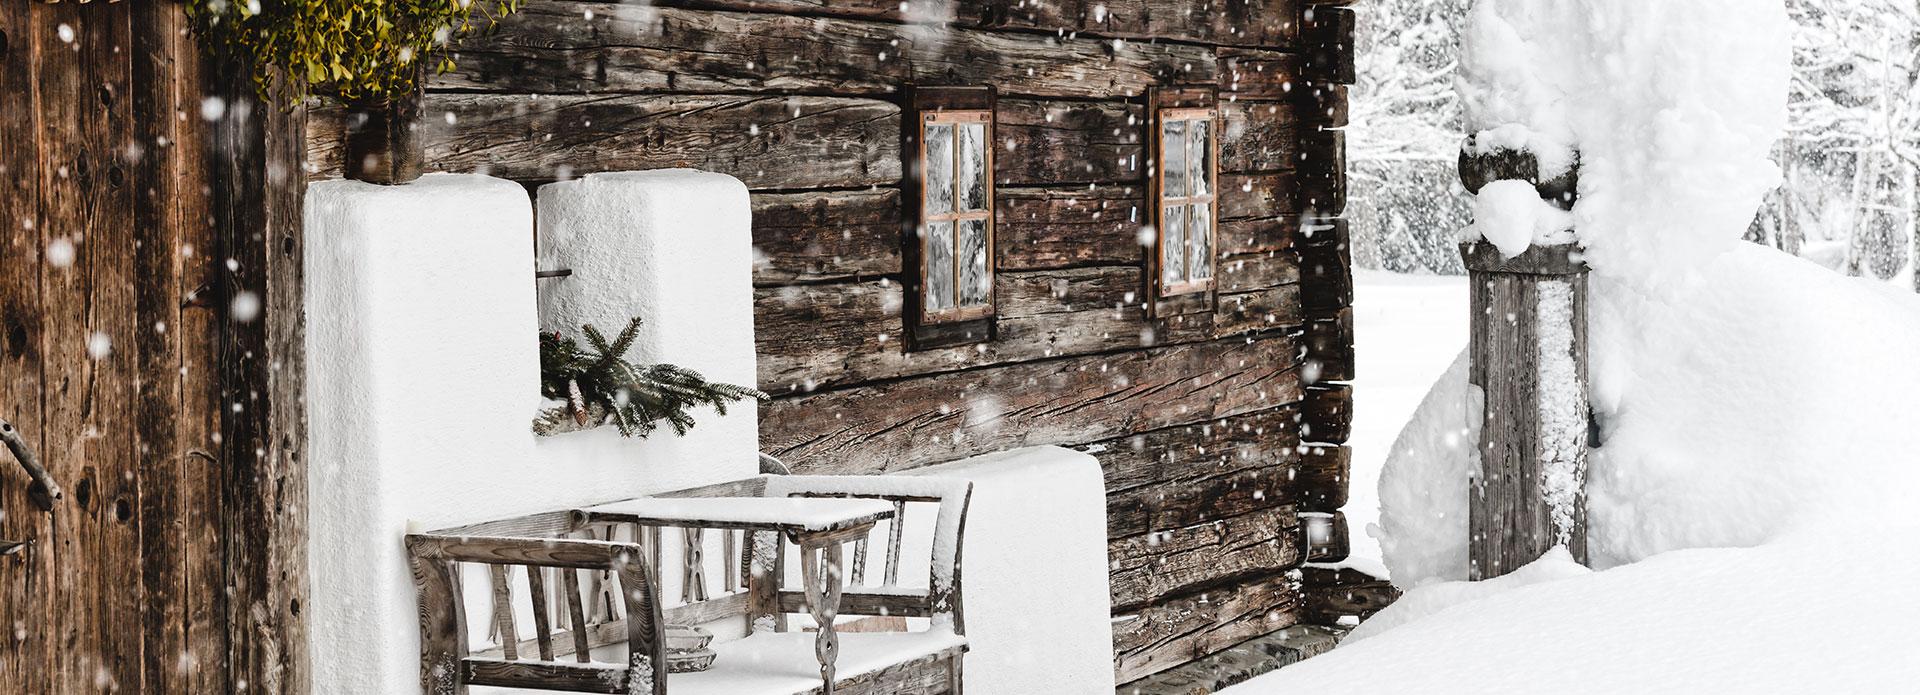 Gemütliche Ferienwohnungen in Altenmarkt-Zauchensee, Urlaub im Salzburger Land